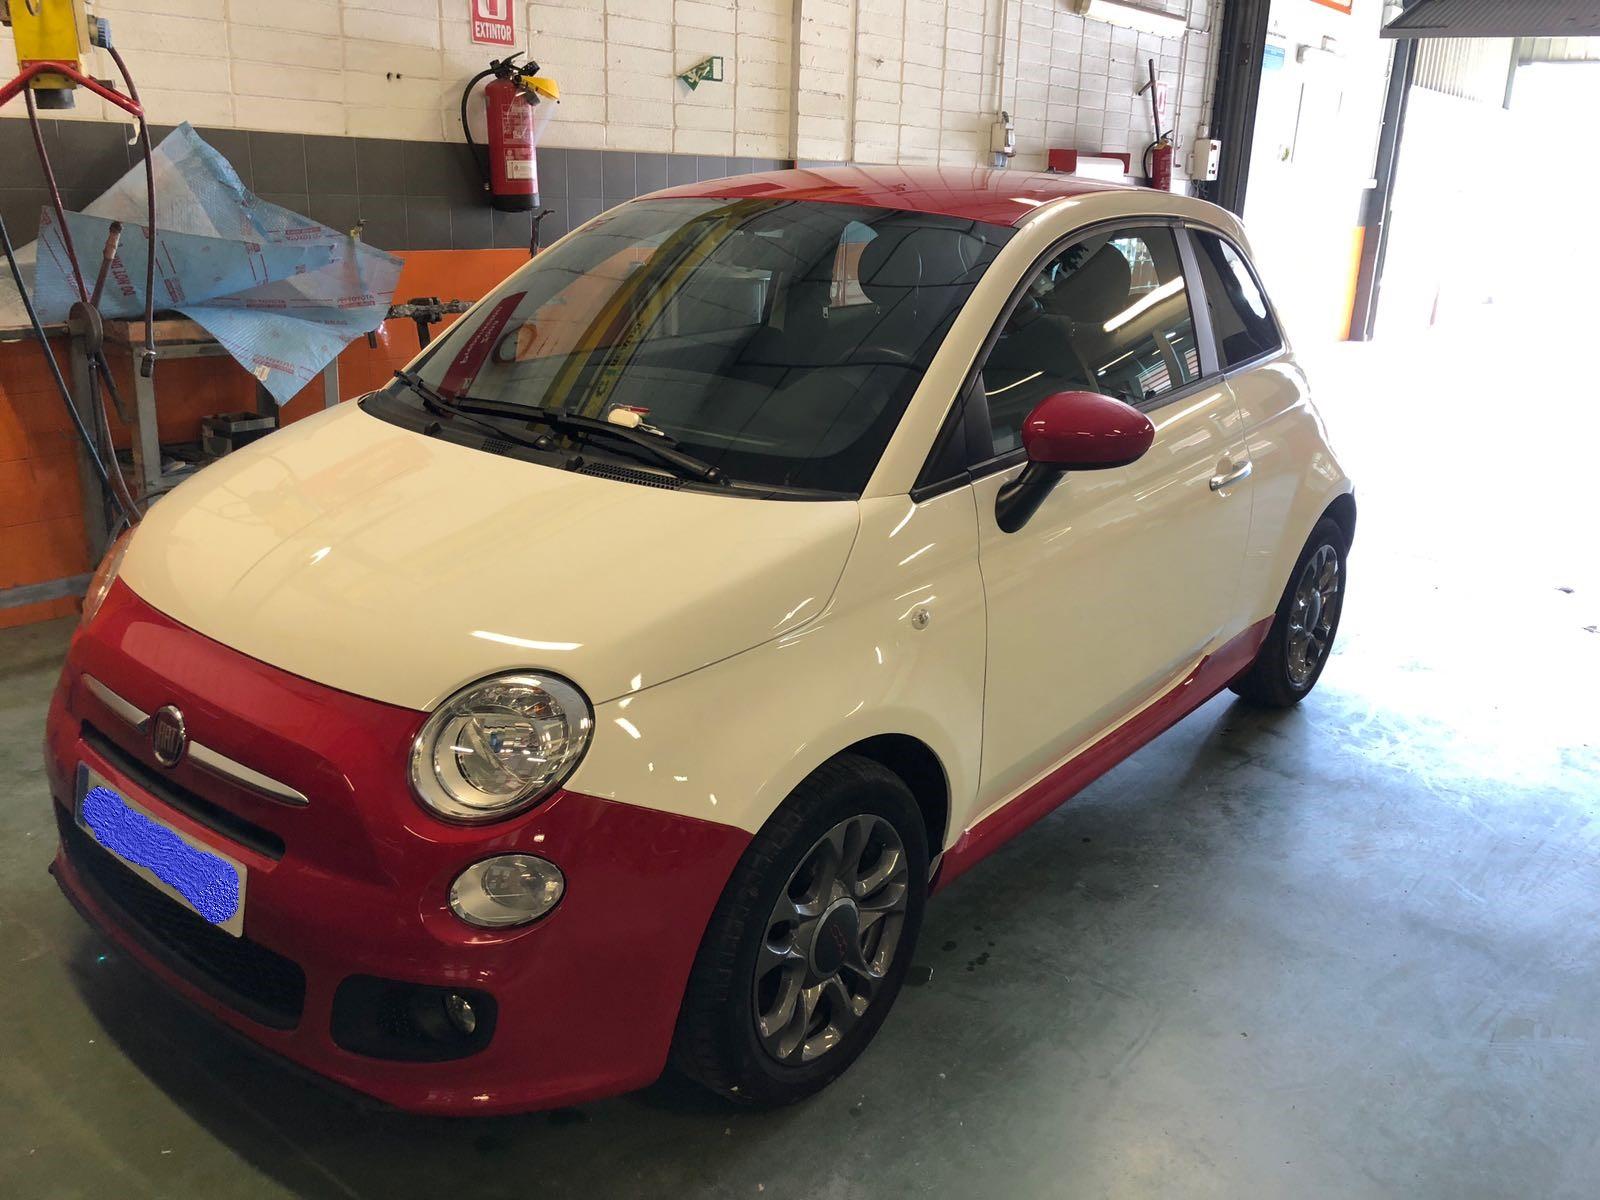 Reparaci U00f3n De Chapa Y Pintura En Un Fiat 500